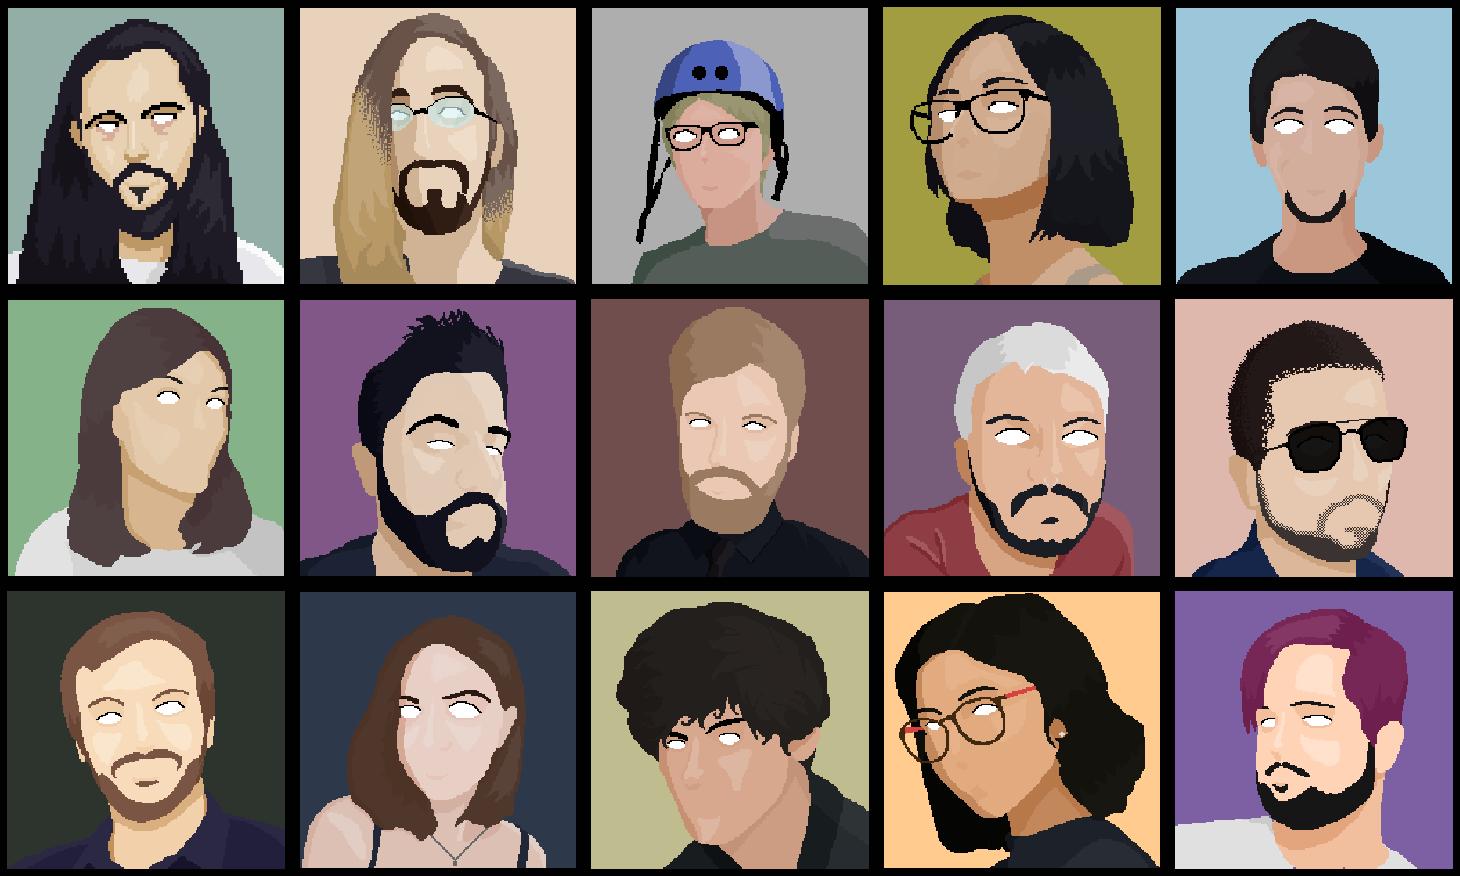 Minimalist pixel portraits